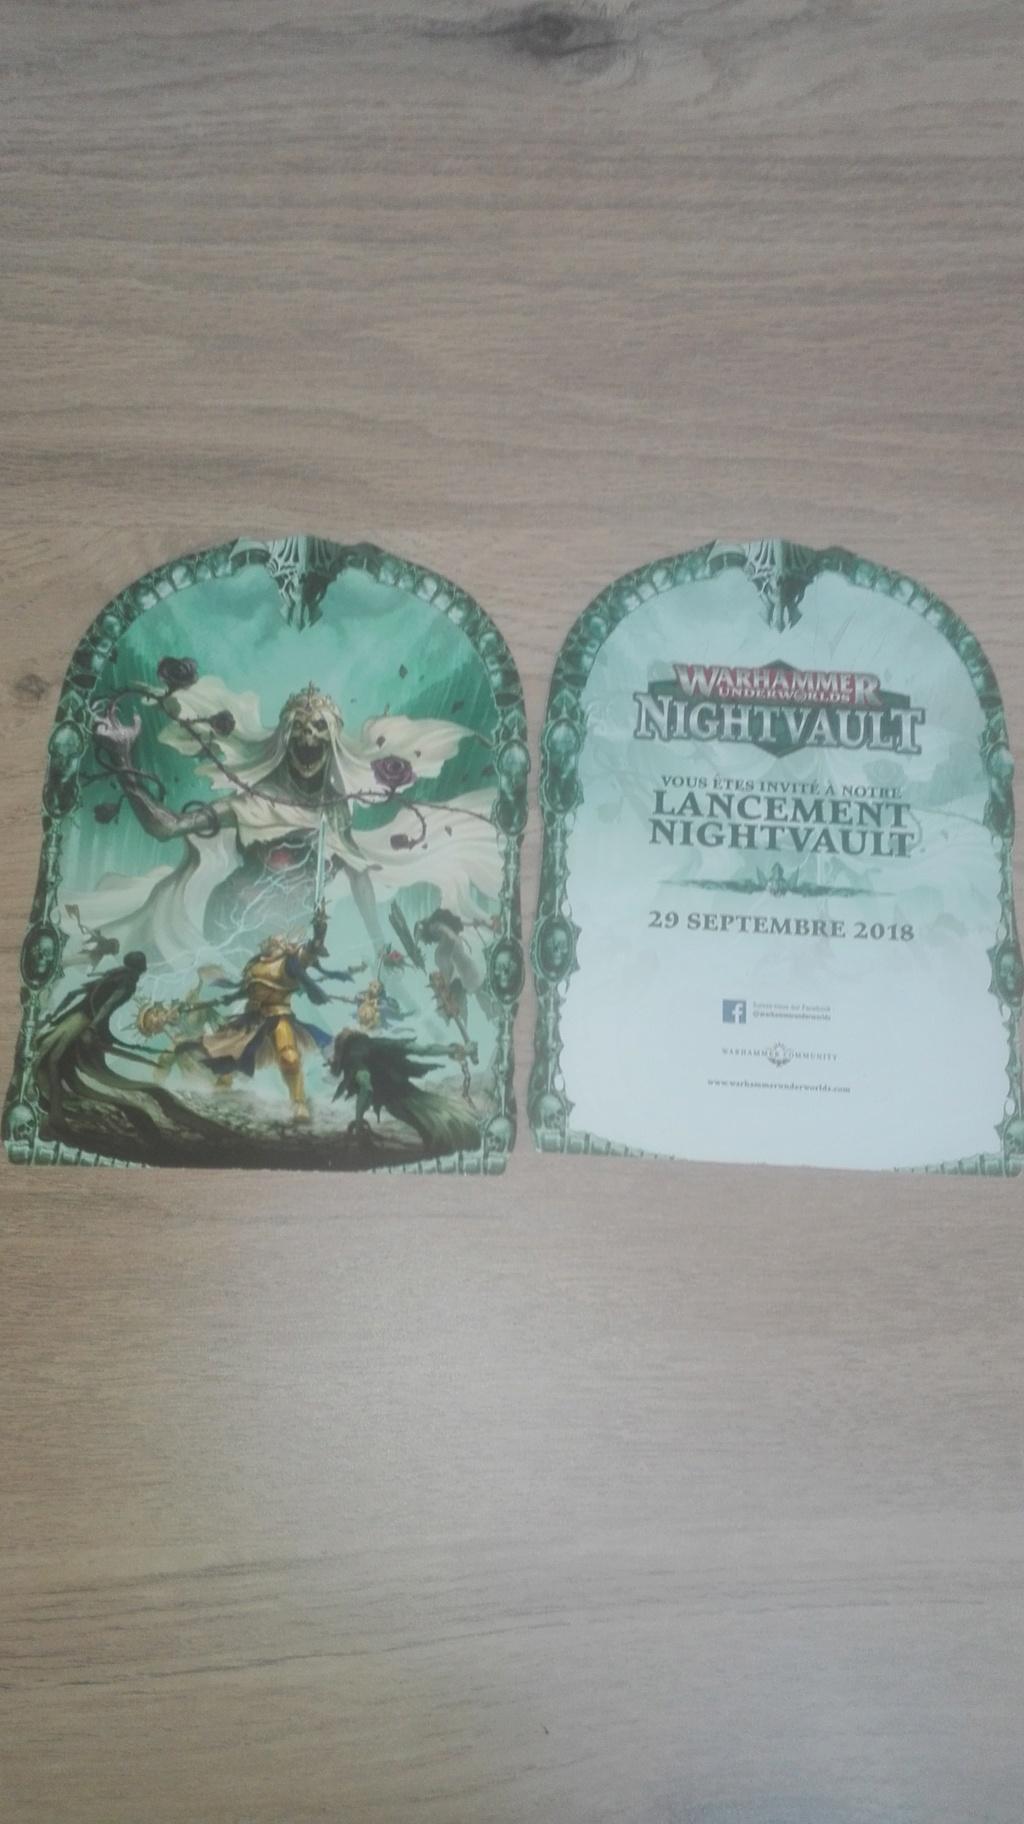 Warhammer underworlds: Nightvault Img_2010